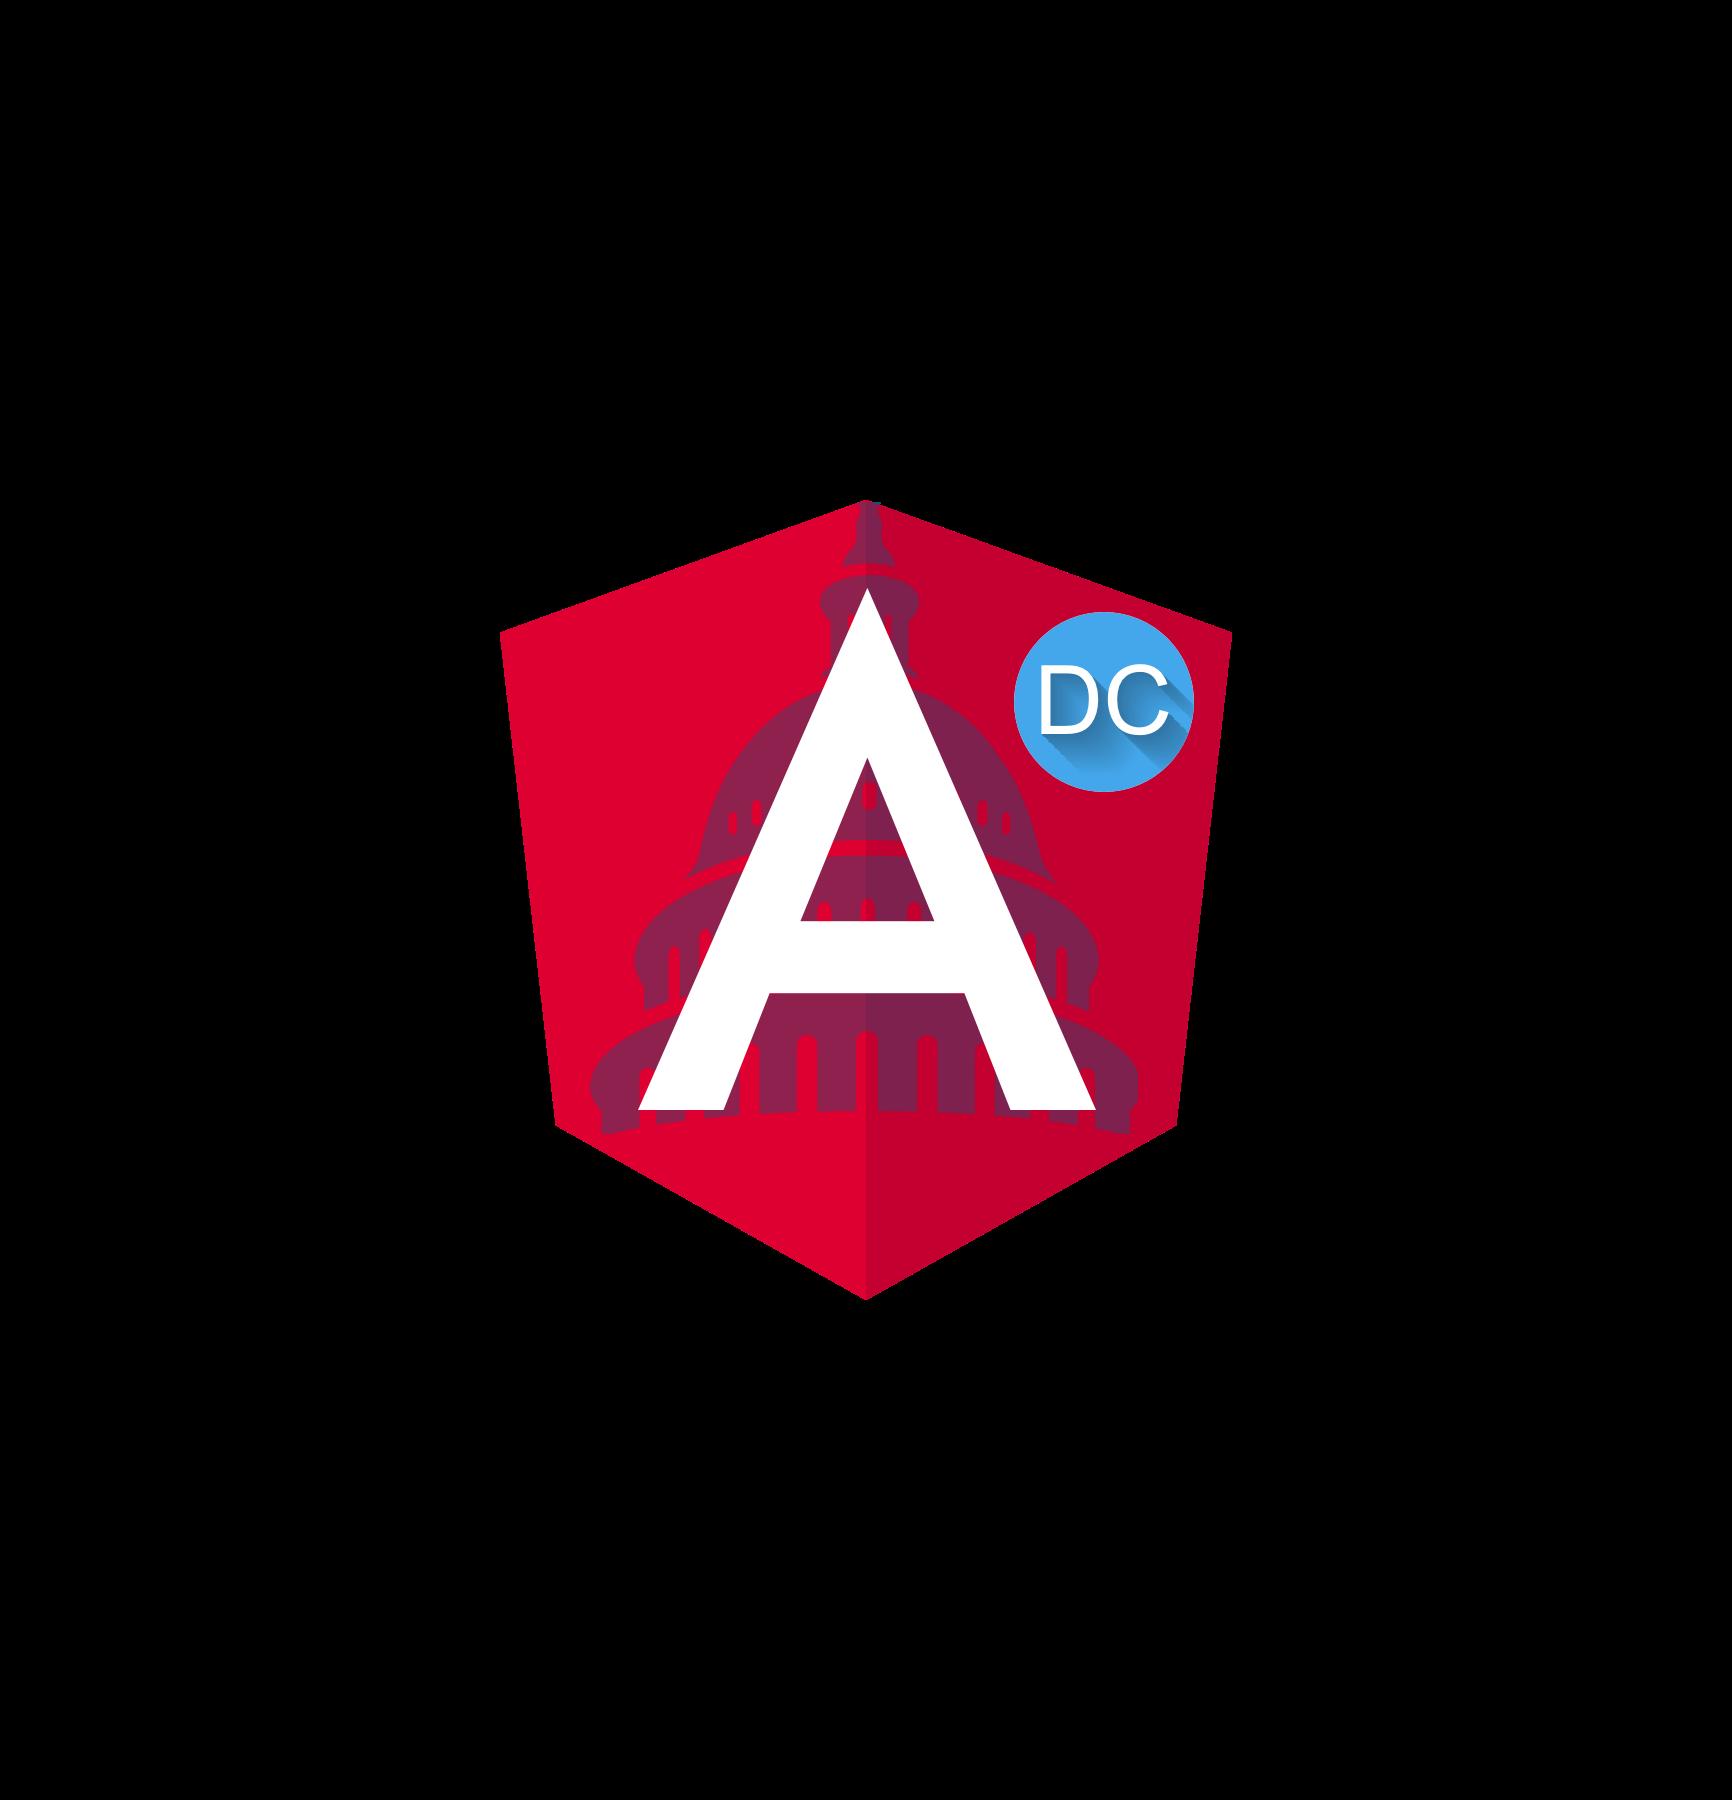 Angular DC